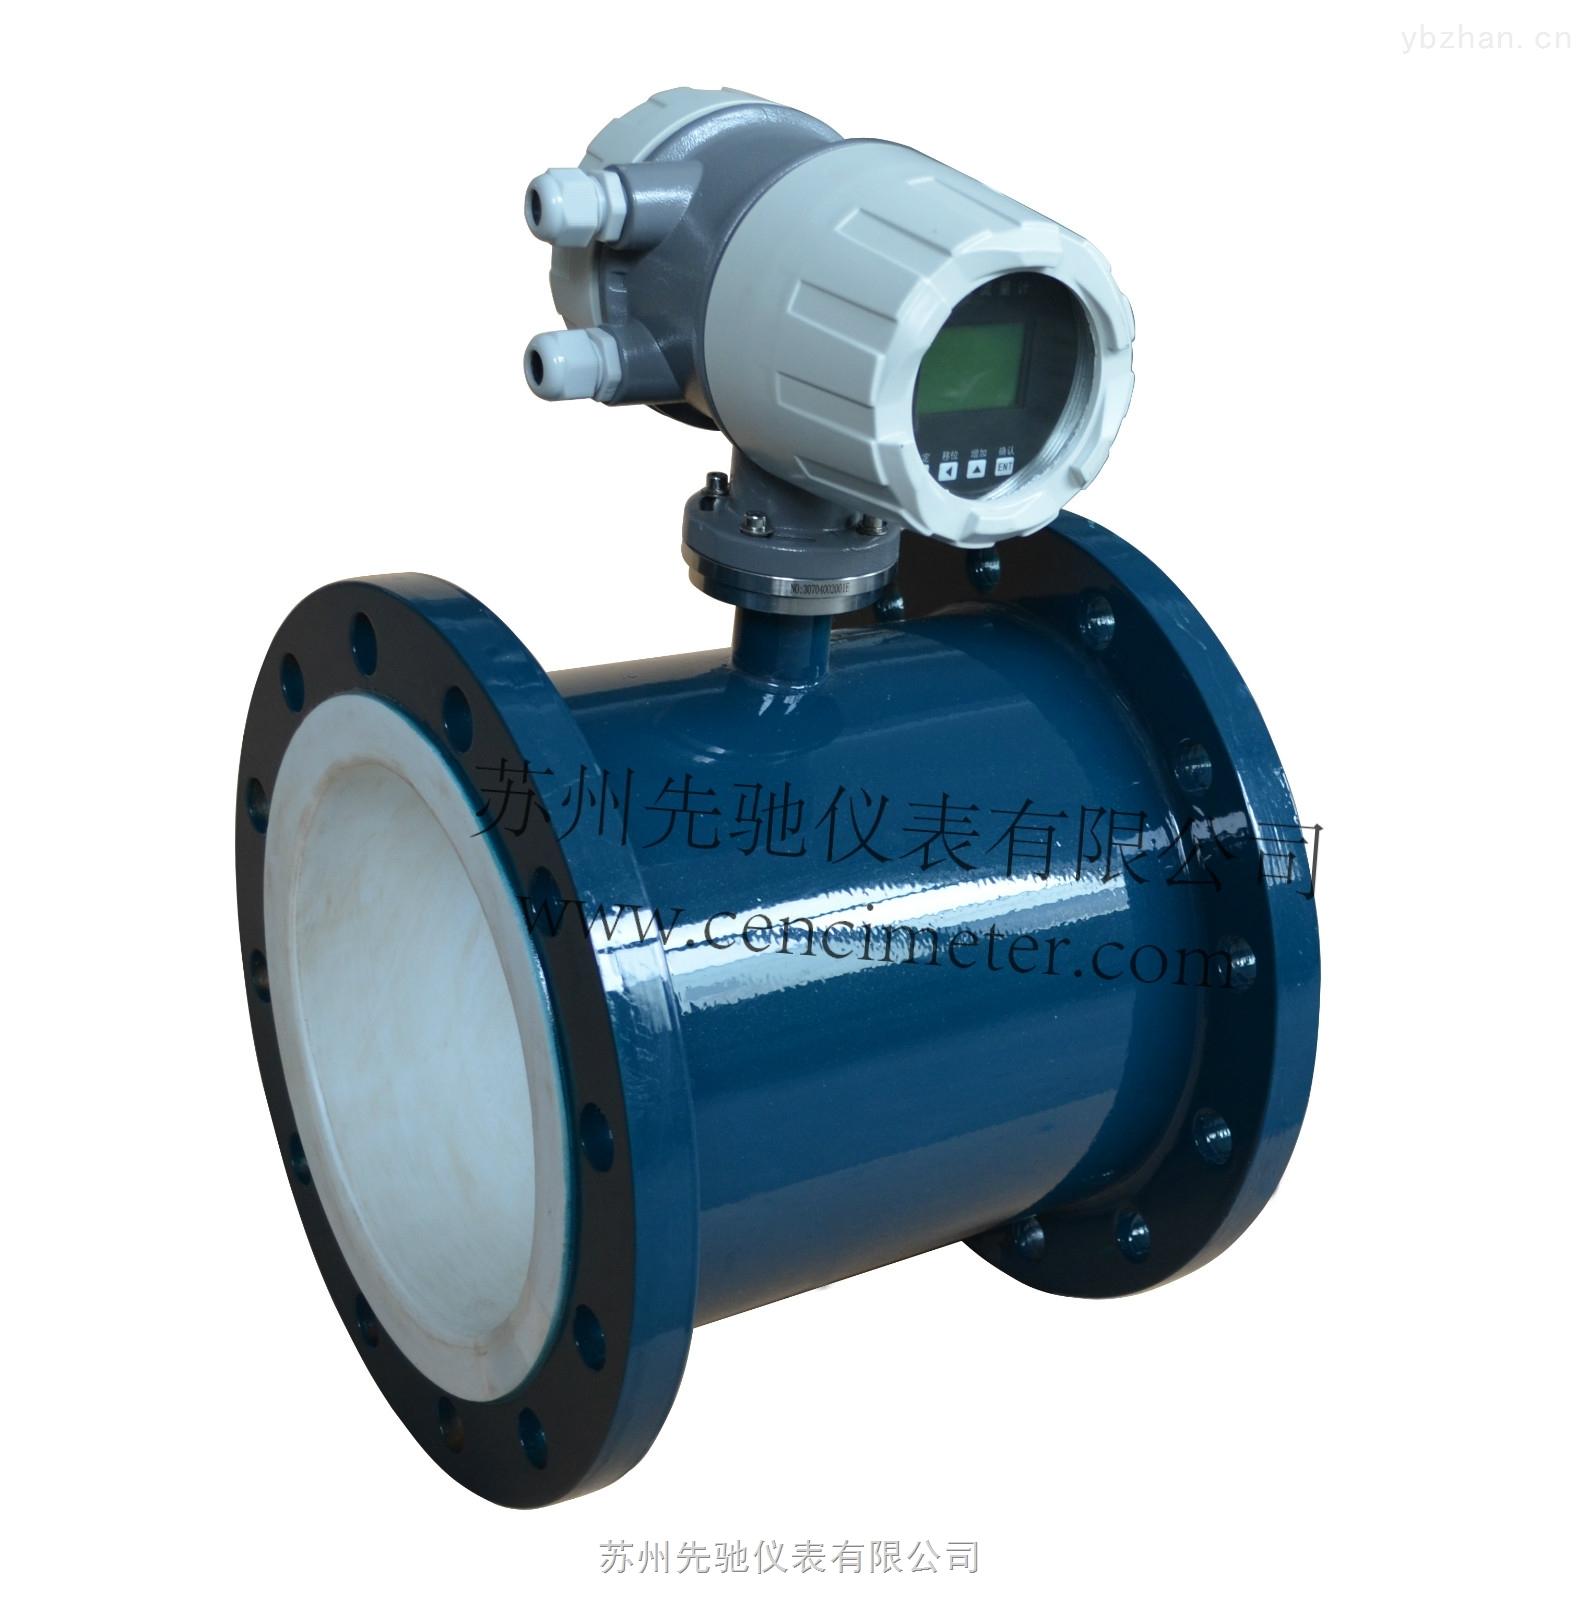 智能电磁流量计污水设备专用仪表